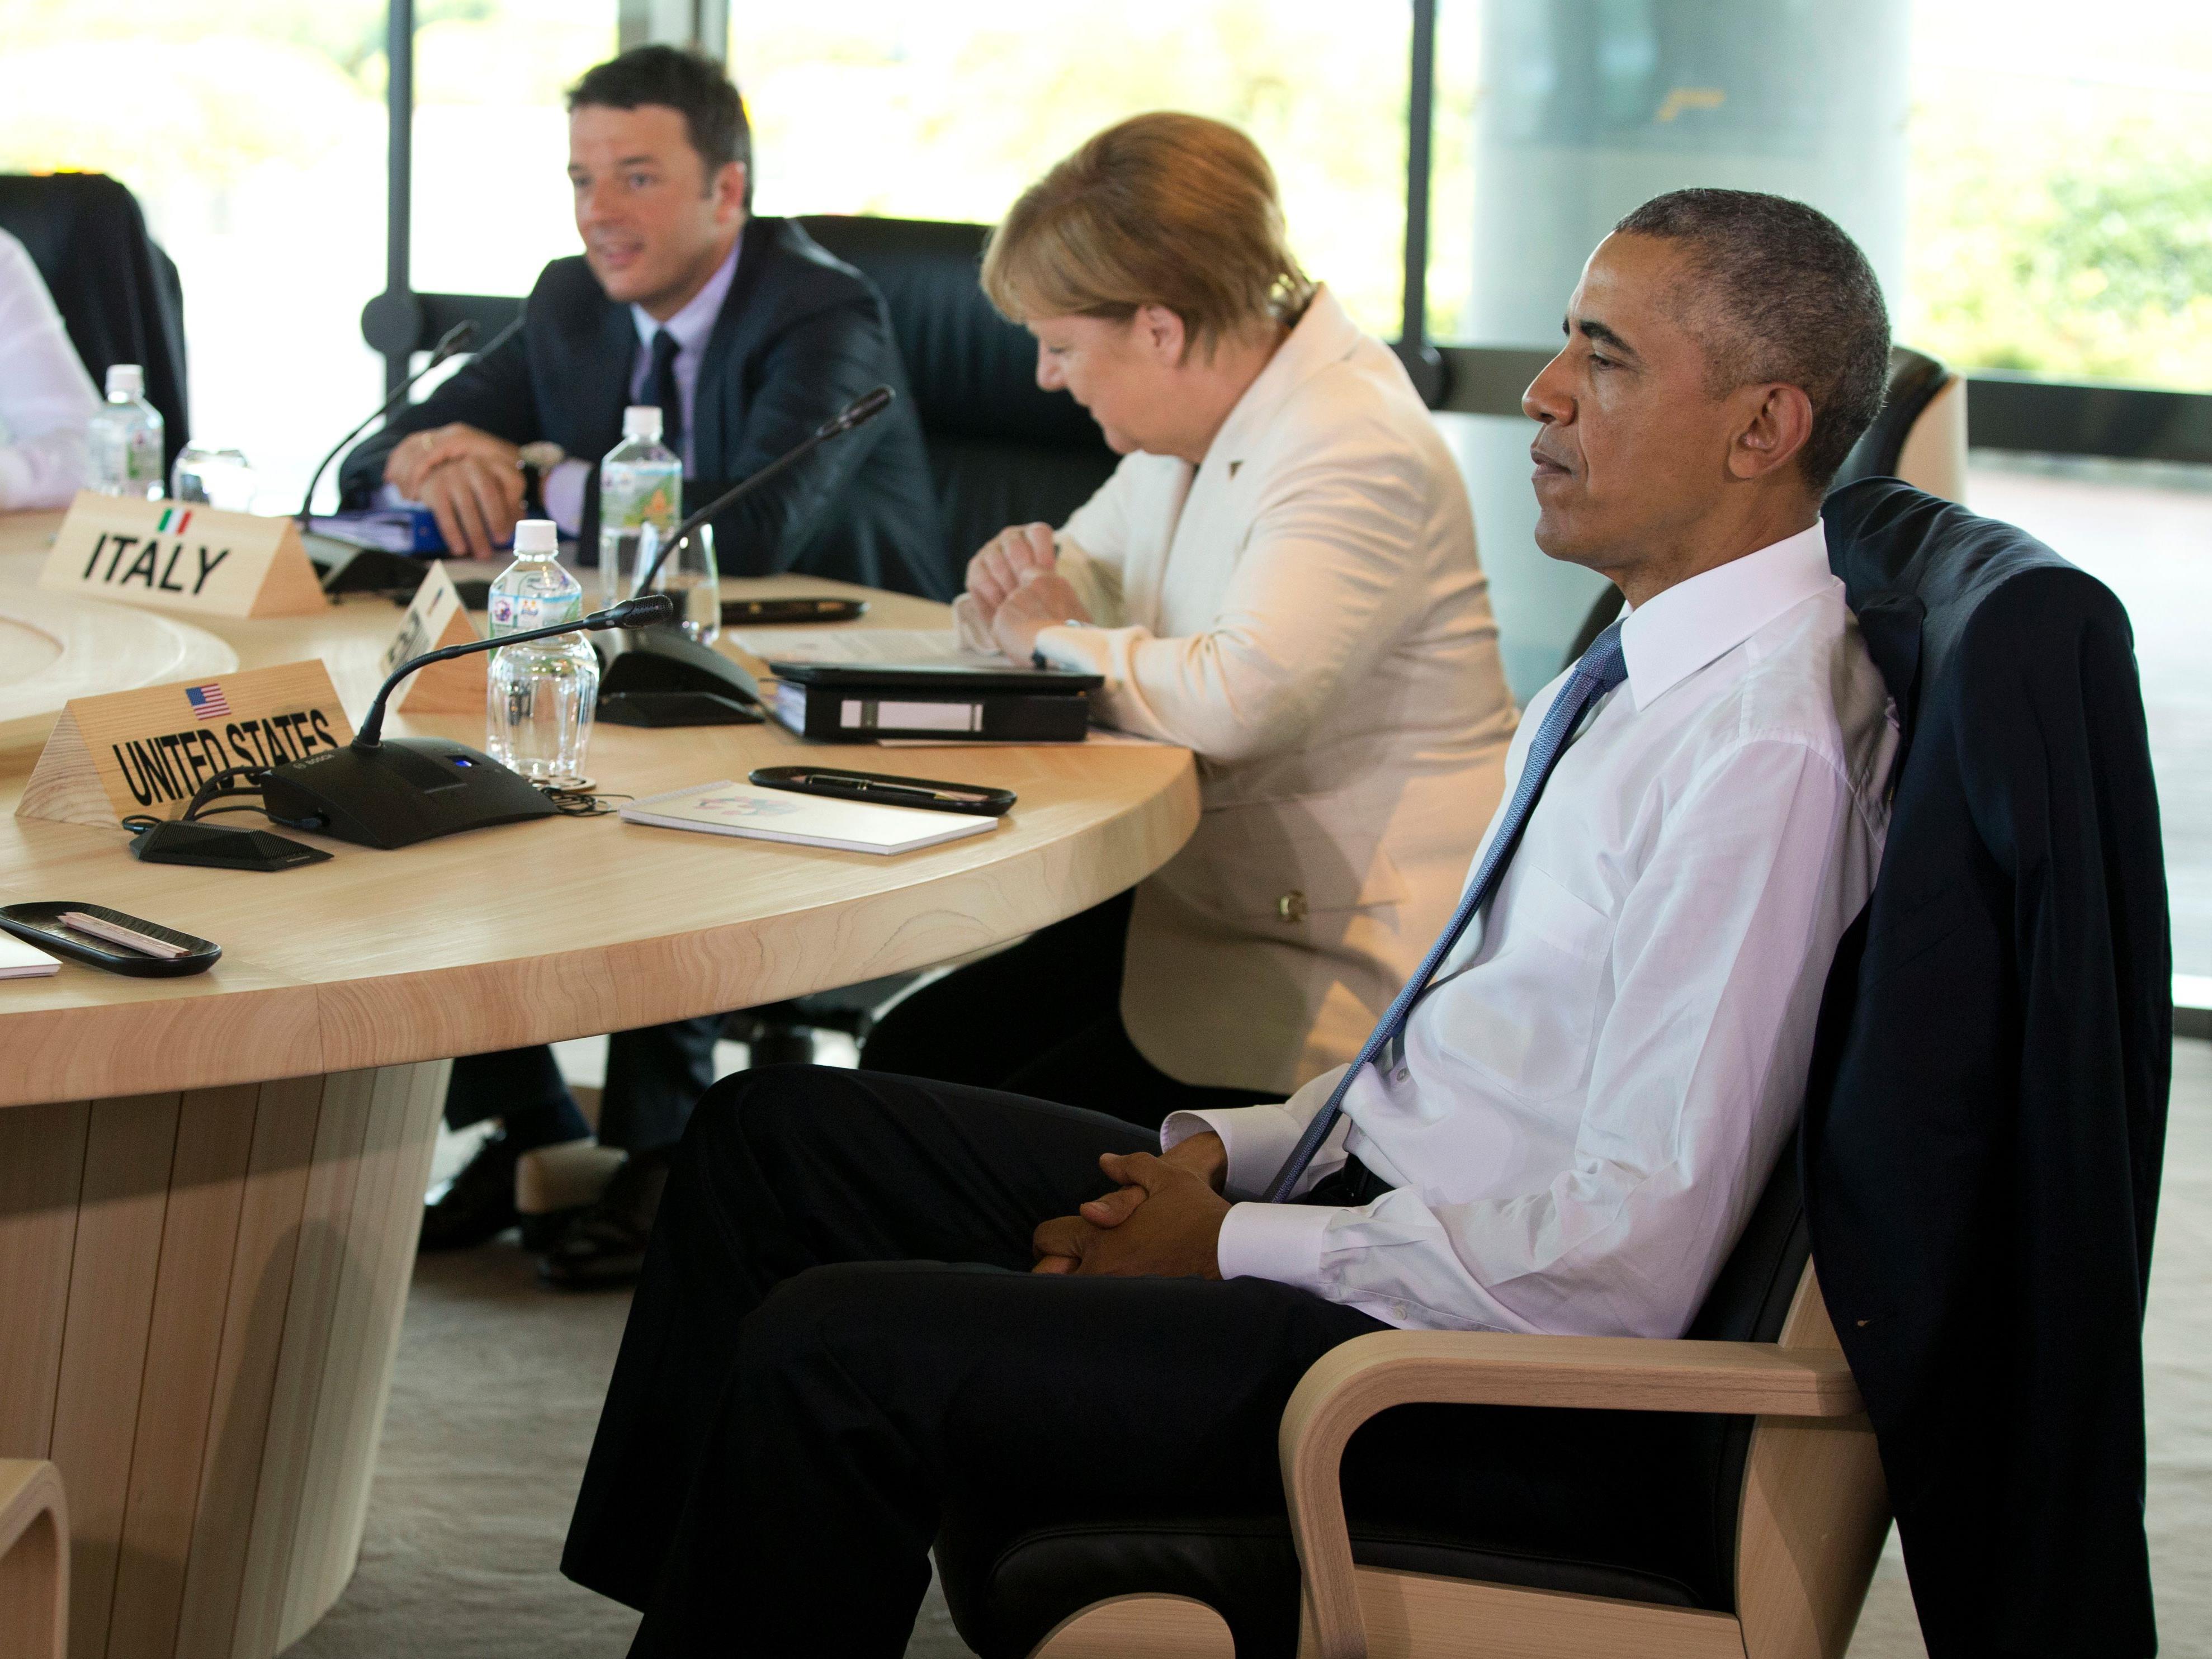 Der russische Präsident Wladimir Putin war 2014 wegen der Annexion der Krim aus dem Kreis führender Industrienationen ausgeschlossen worden.